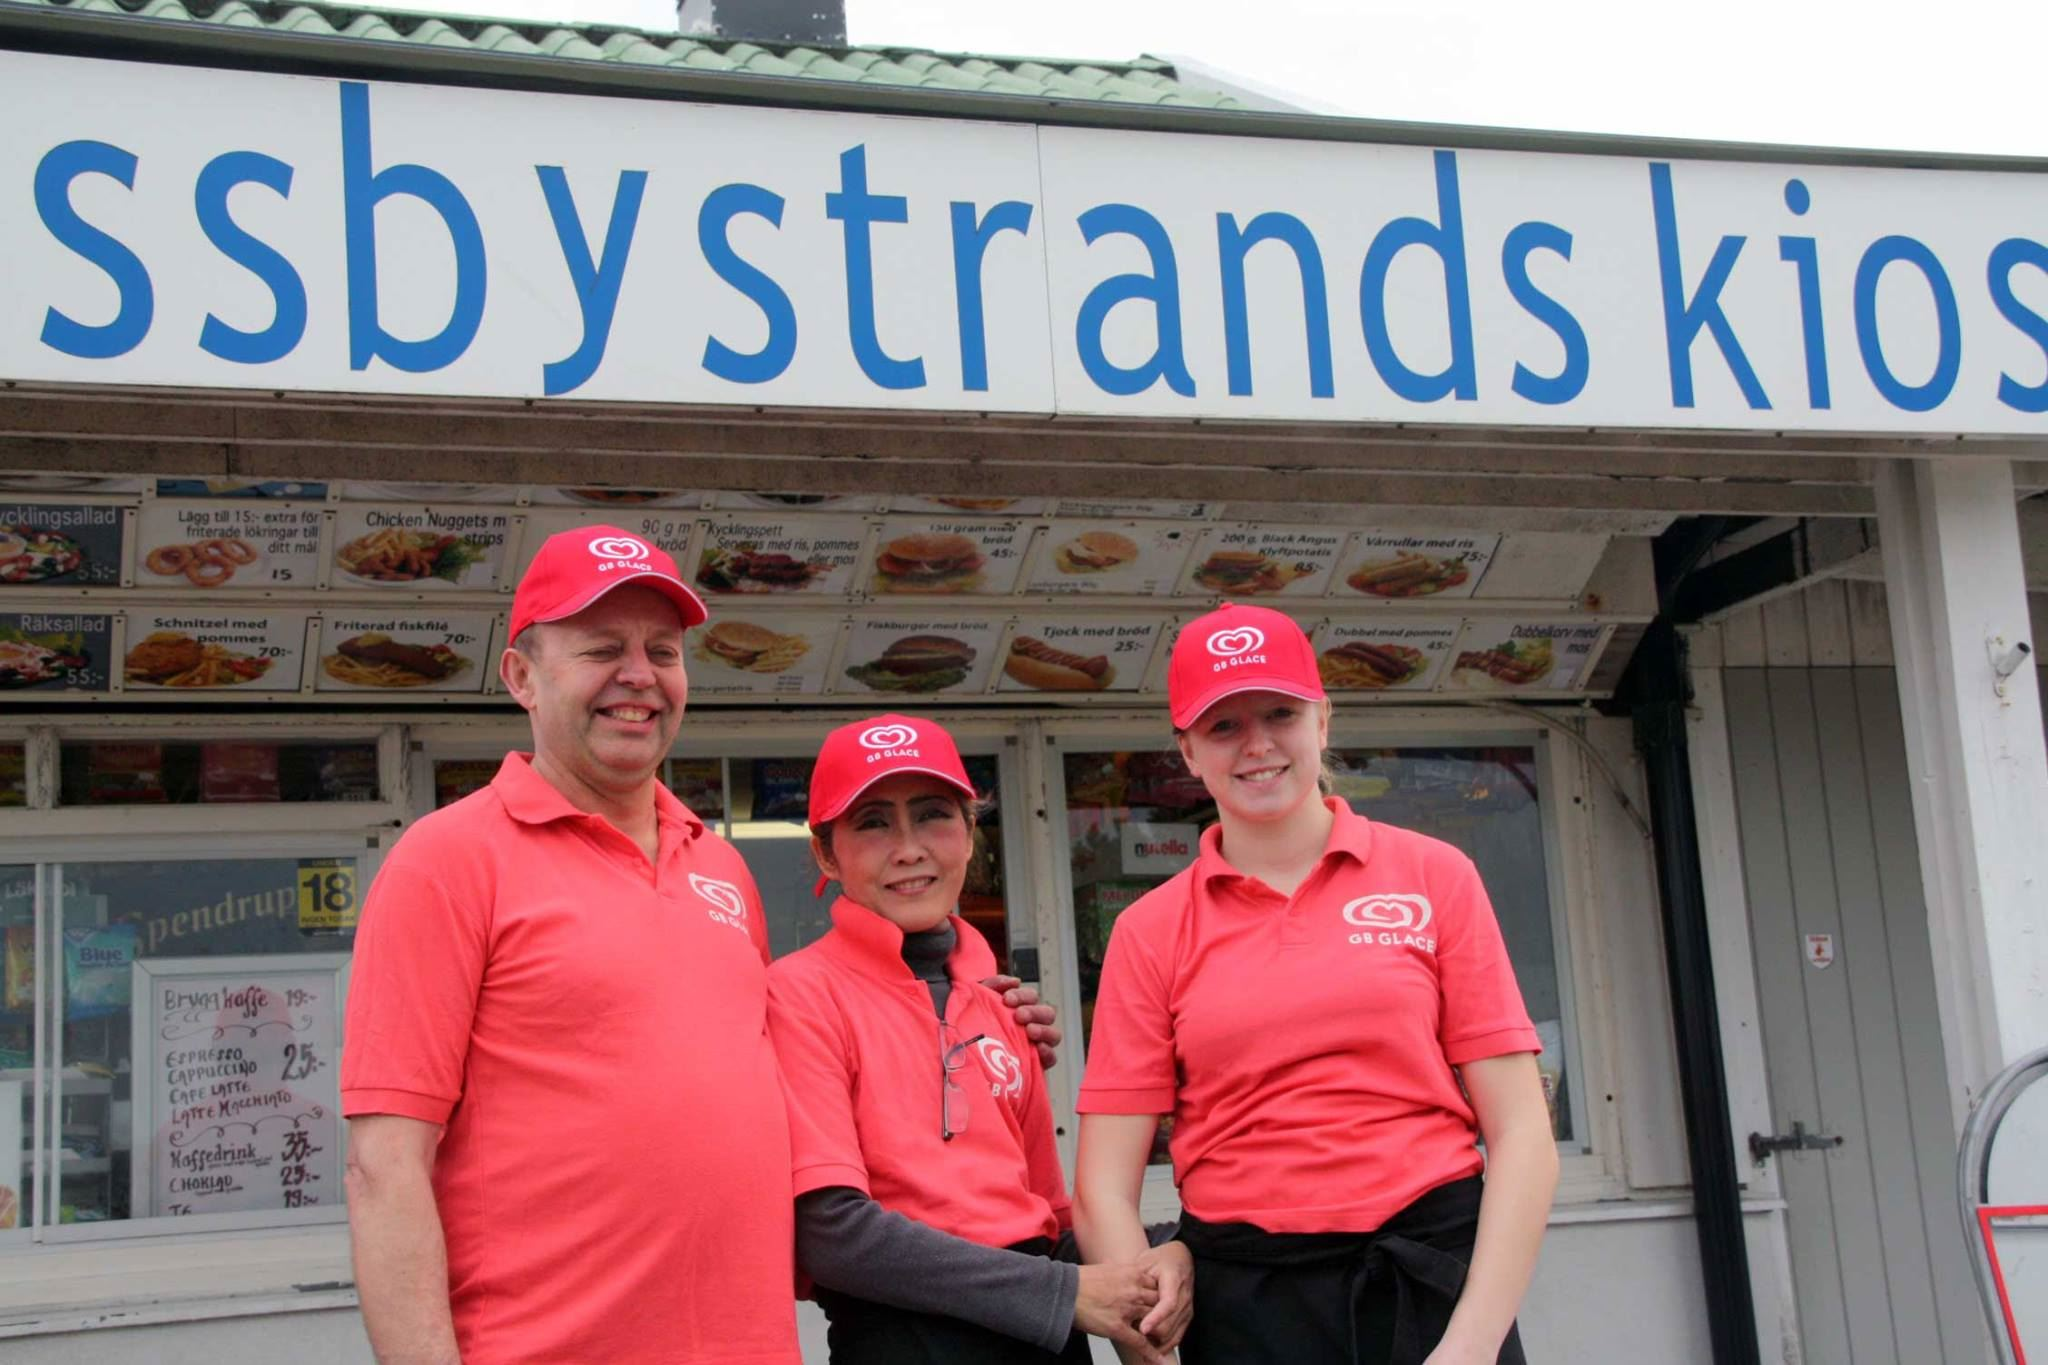 Mossbystrands Kiosk, Personal